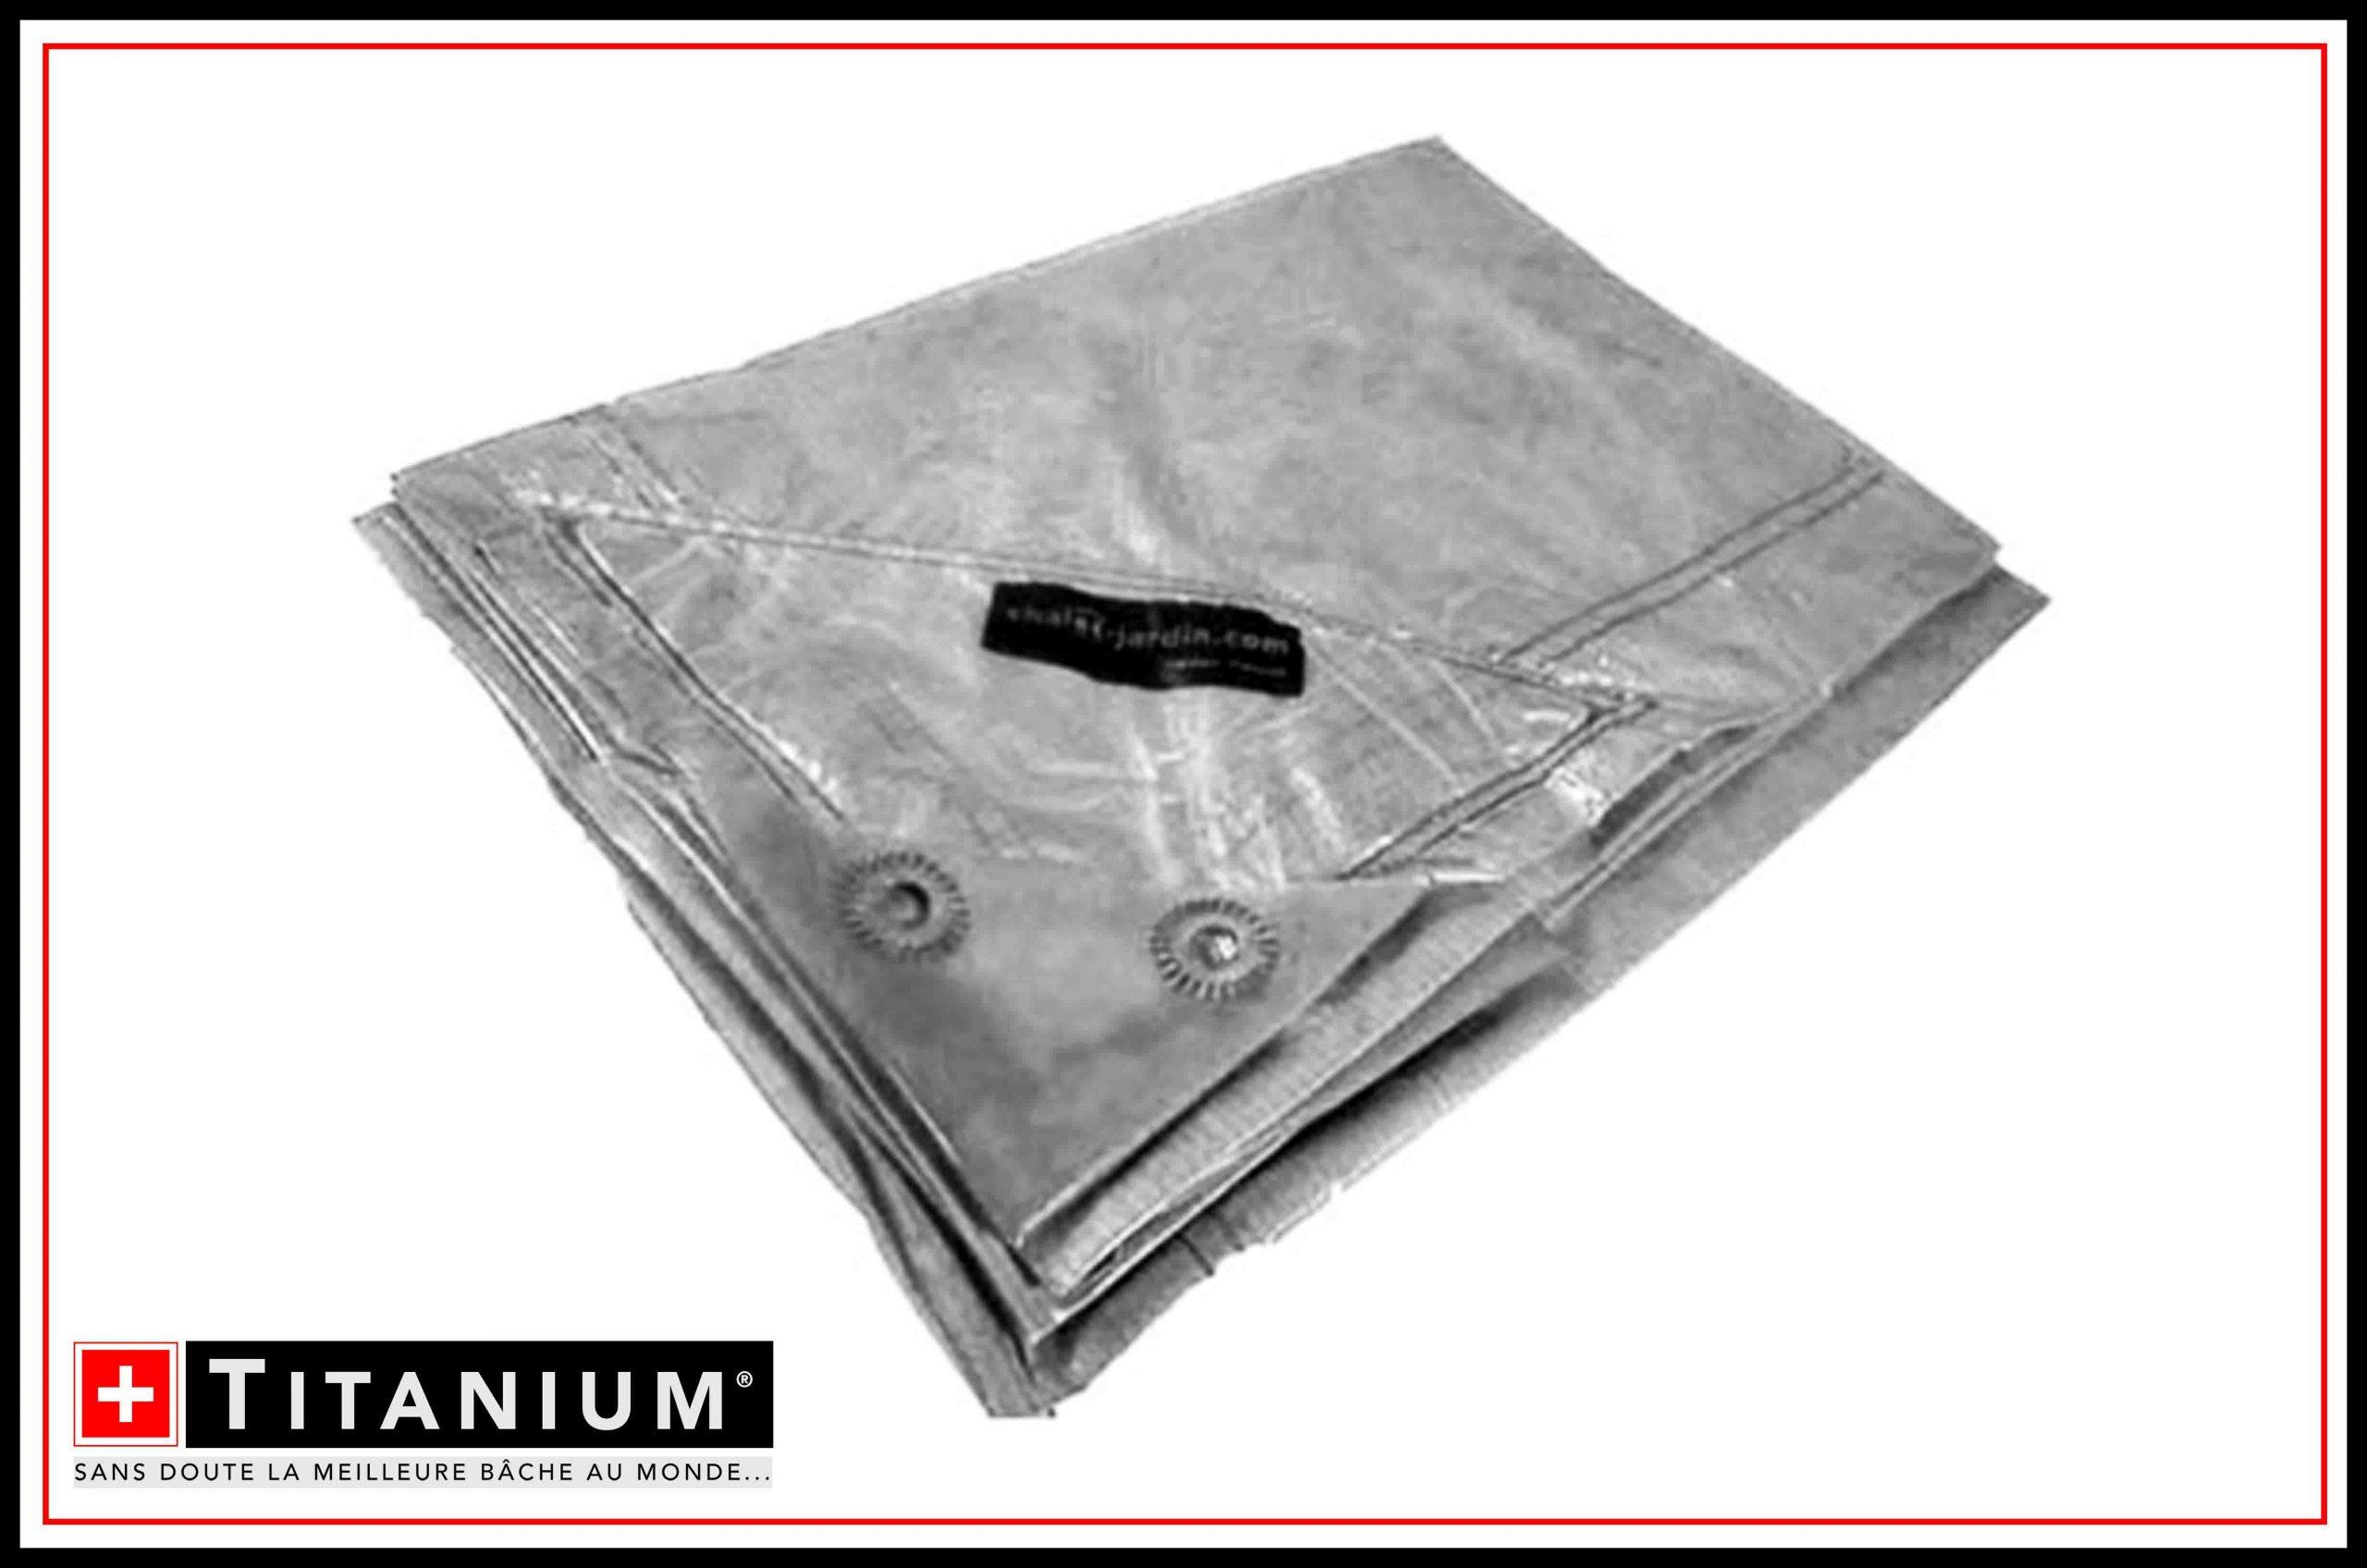 Chalet & Jardin Boutique : Bâche Titanium® Translucide - 2X3M tout Destockage Salon De Jardin